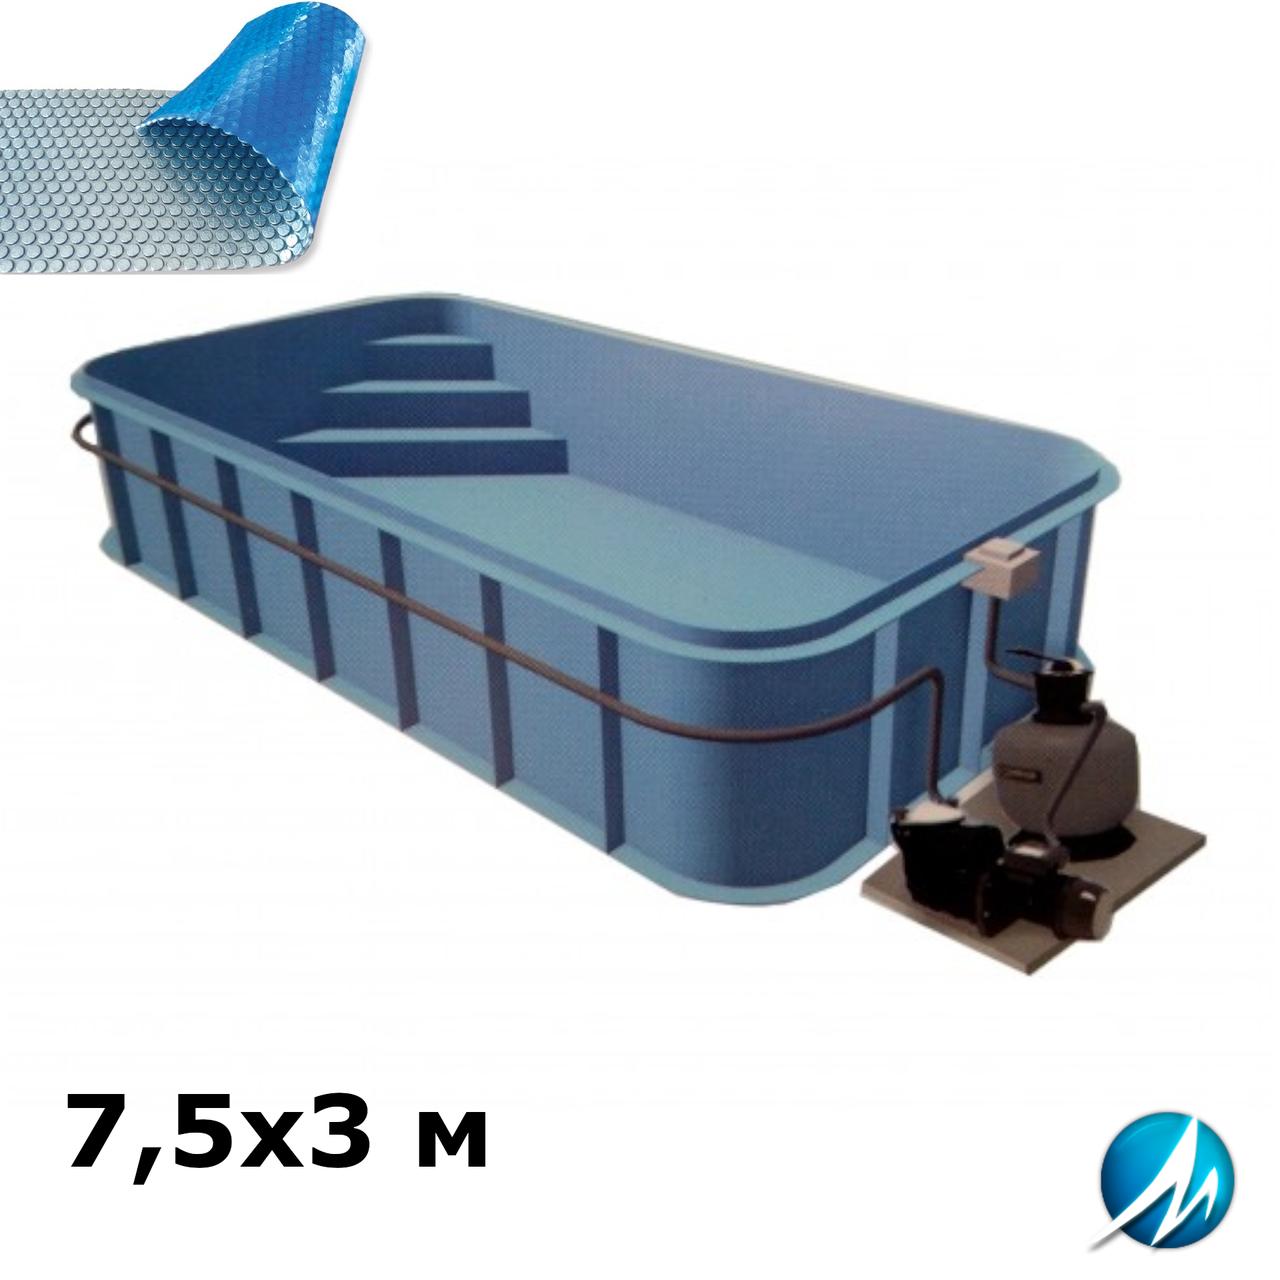 Солярное накрытие для полипропиленового бассейна 7,5х3 м